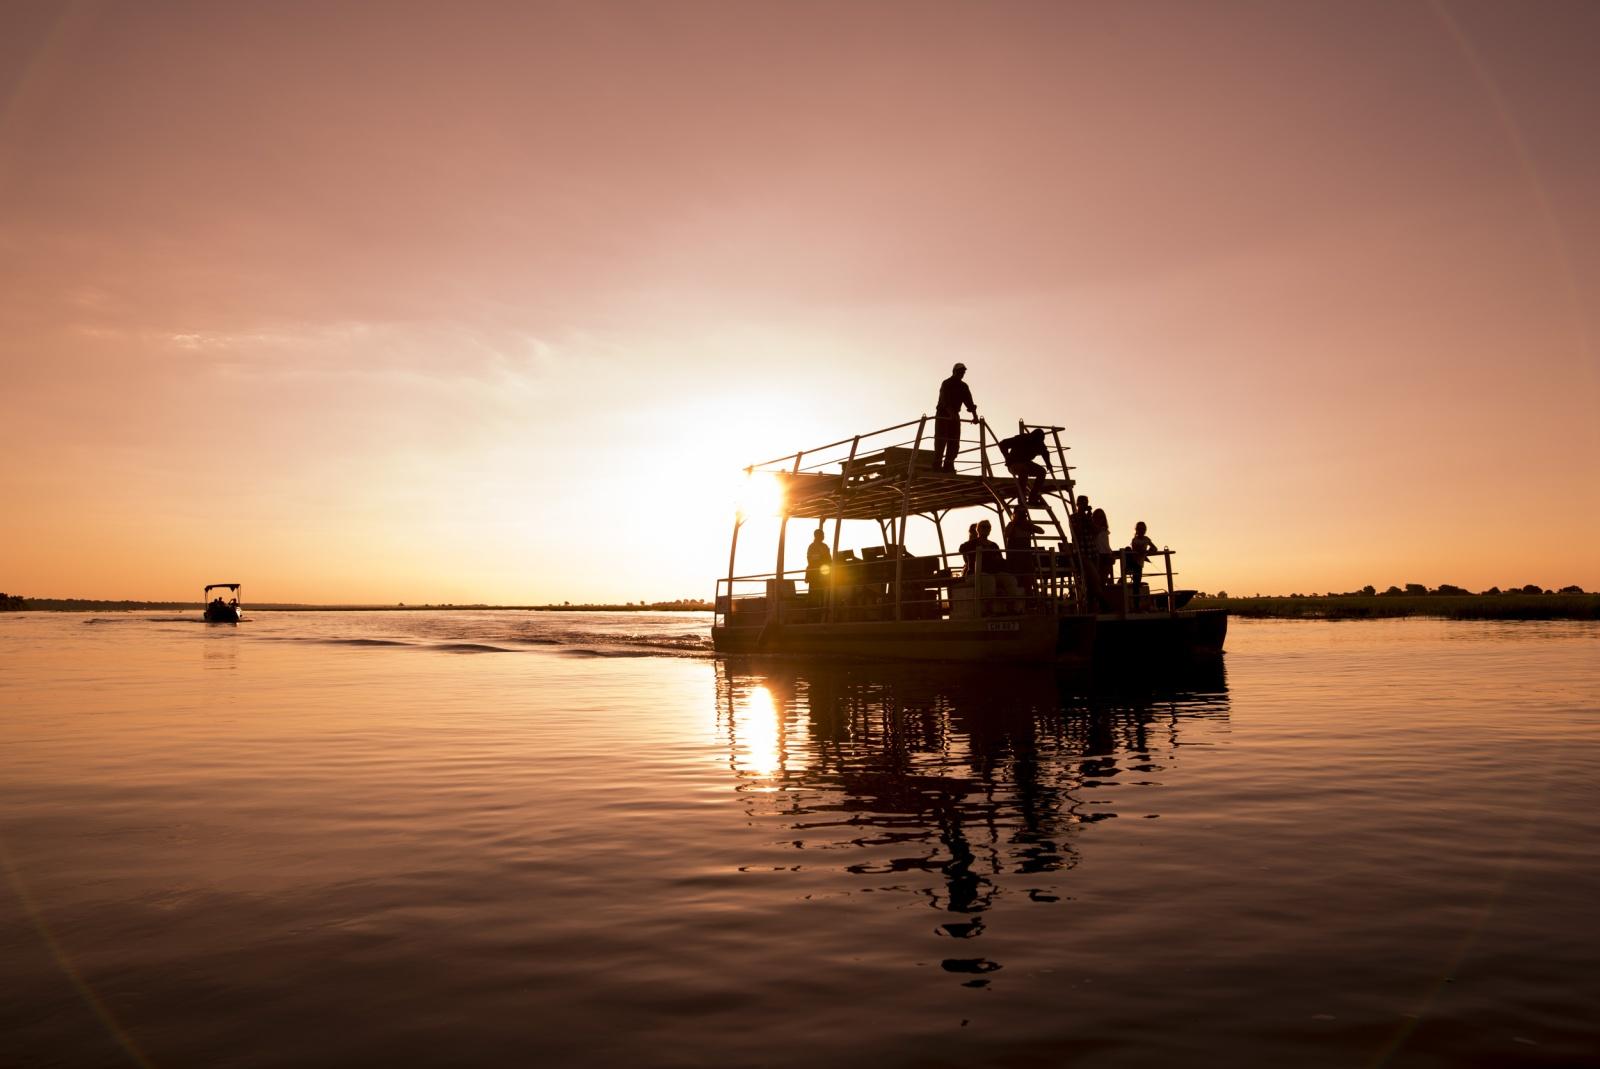 Kasane. Botswana. Da una piccola imbarcazione